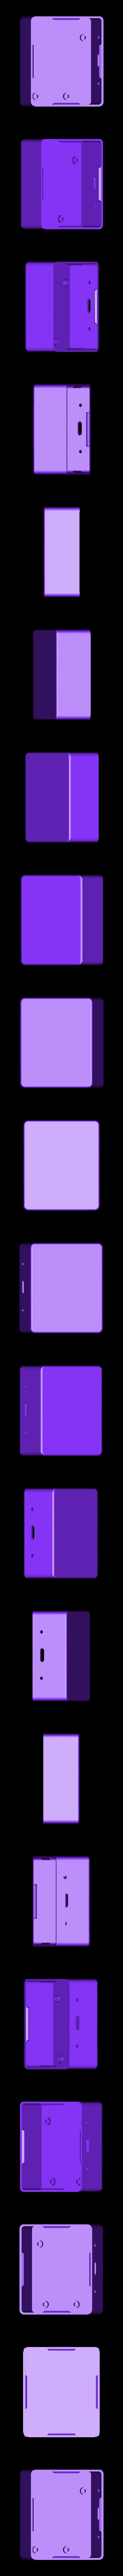 slider-case-box.stl Télécharger fichier STL gratuit Slider de caméra motorisé MK3 • Modèle pour impression 3D, Adafruit